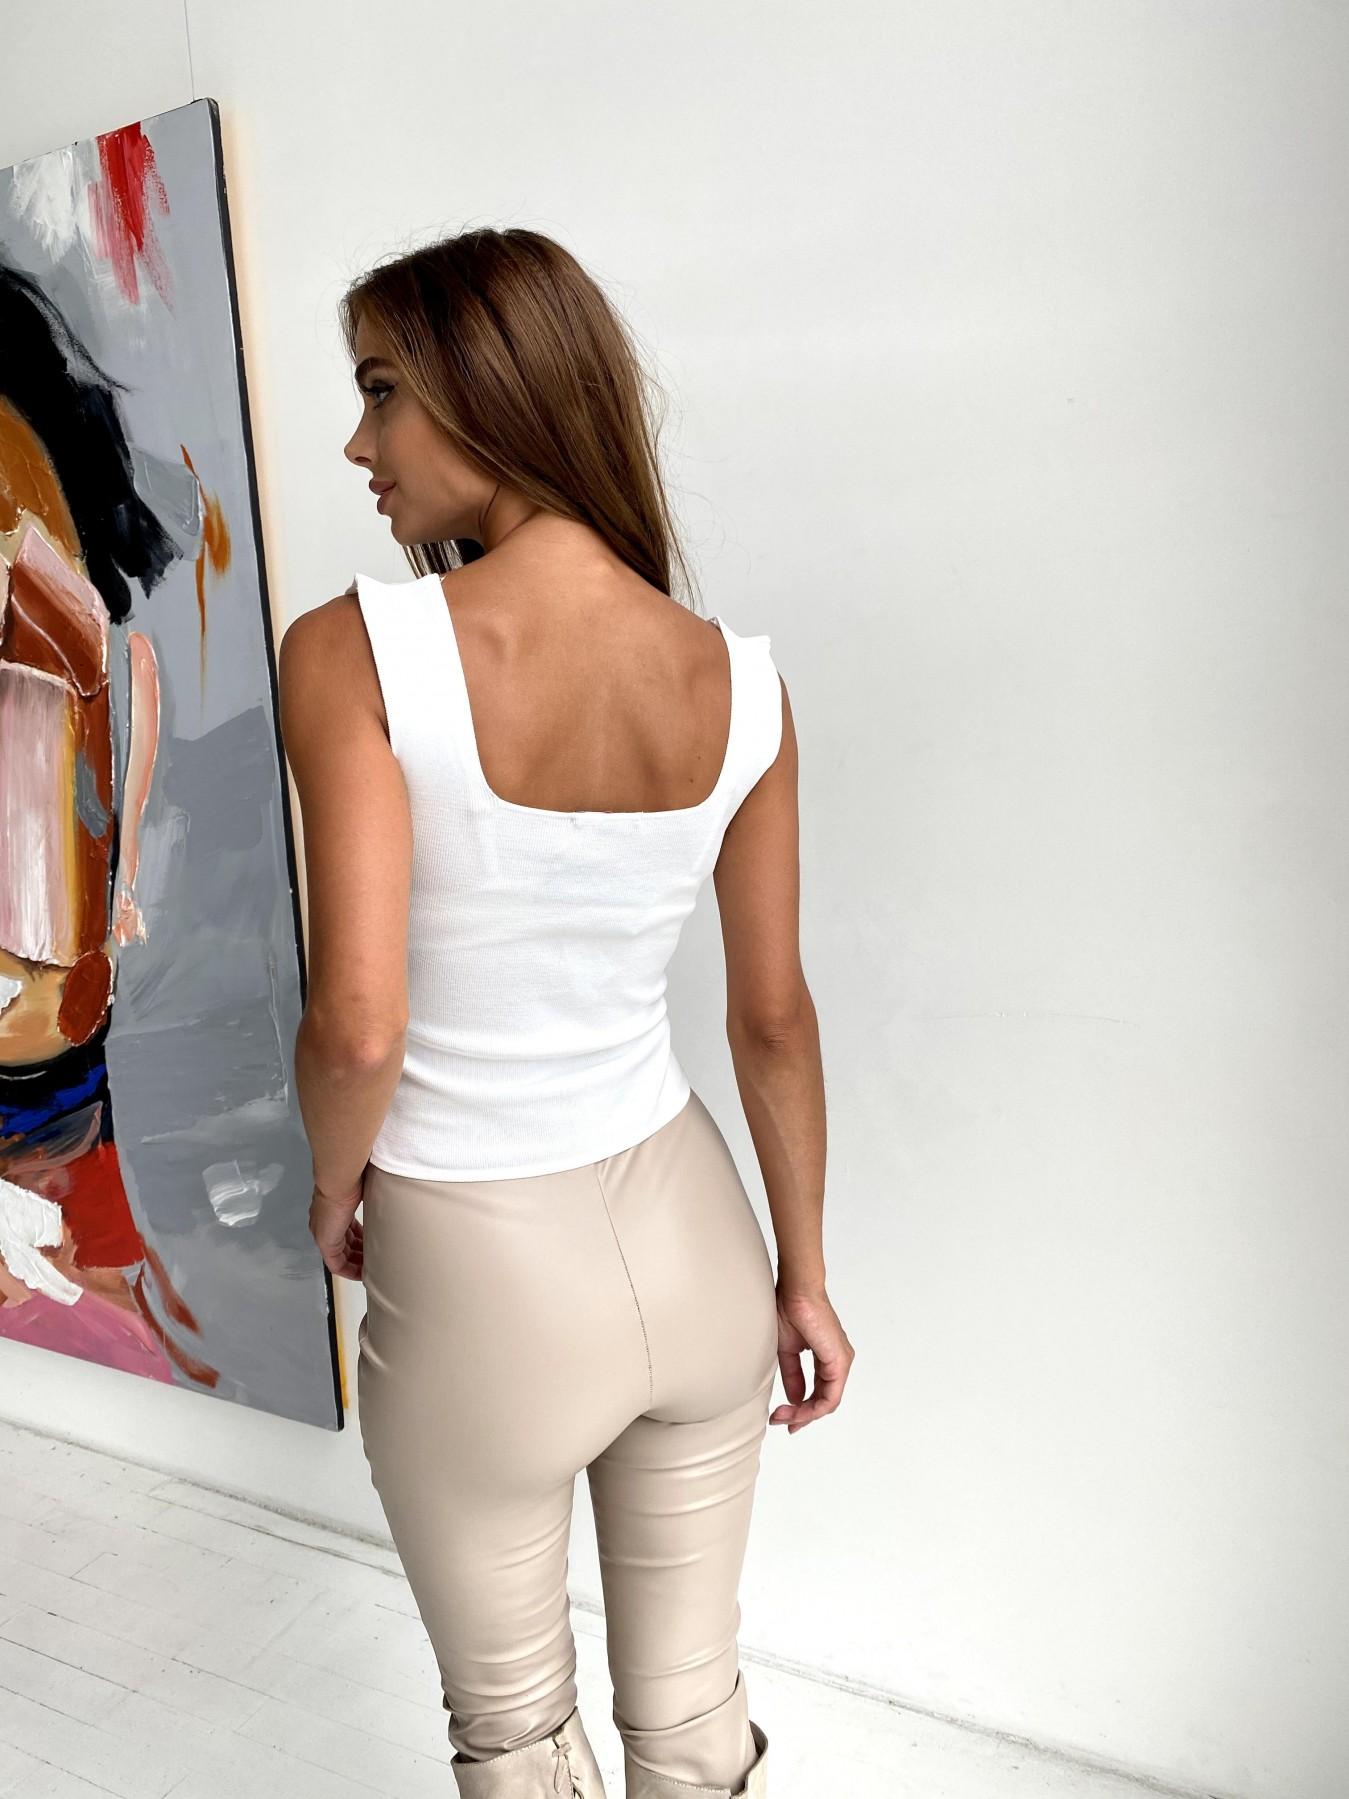 Топ из трикотажа 90848 АРТ. 48497 Цвет: Белый - фото 2, интернет магазин tm-modus.ru